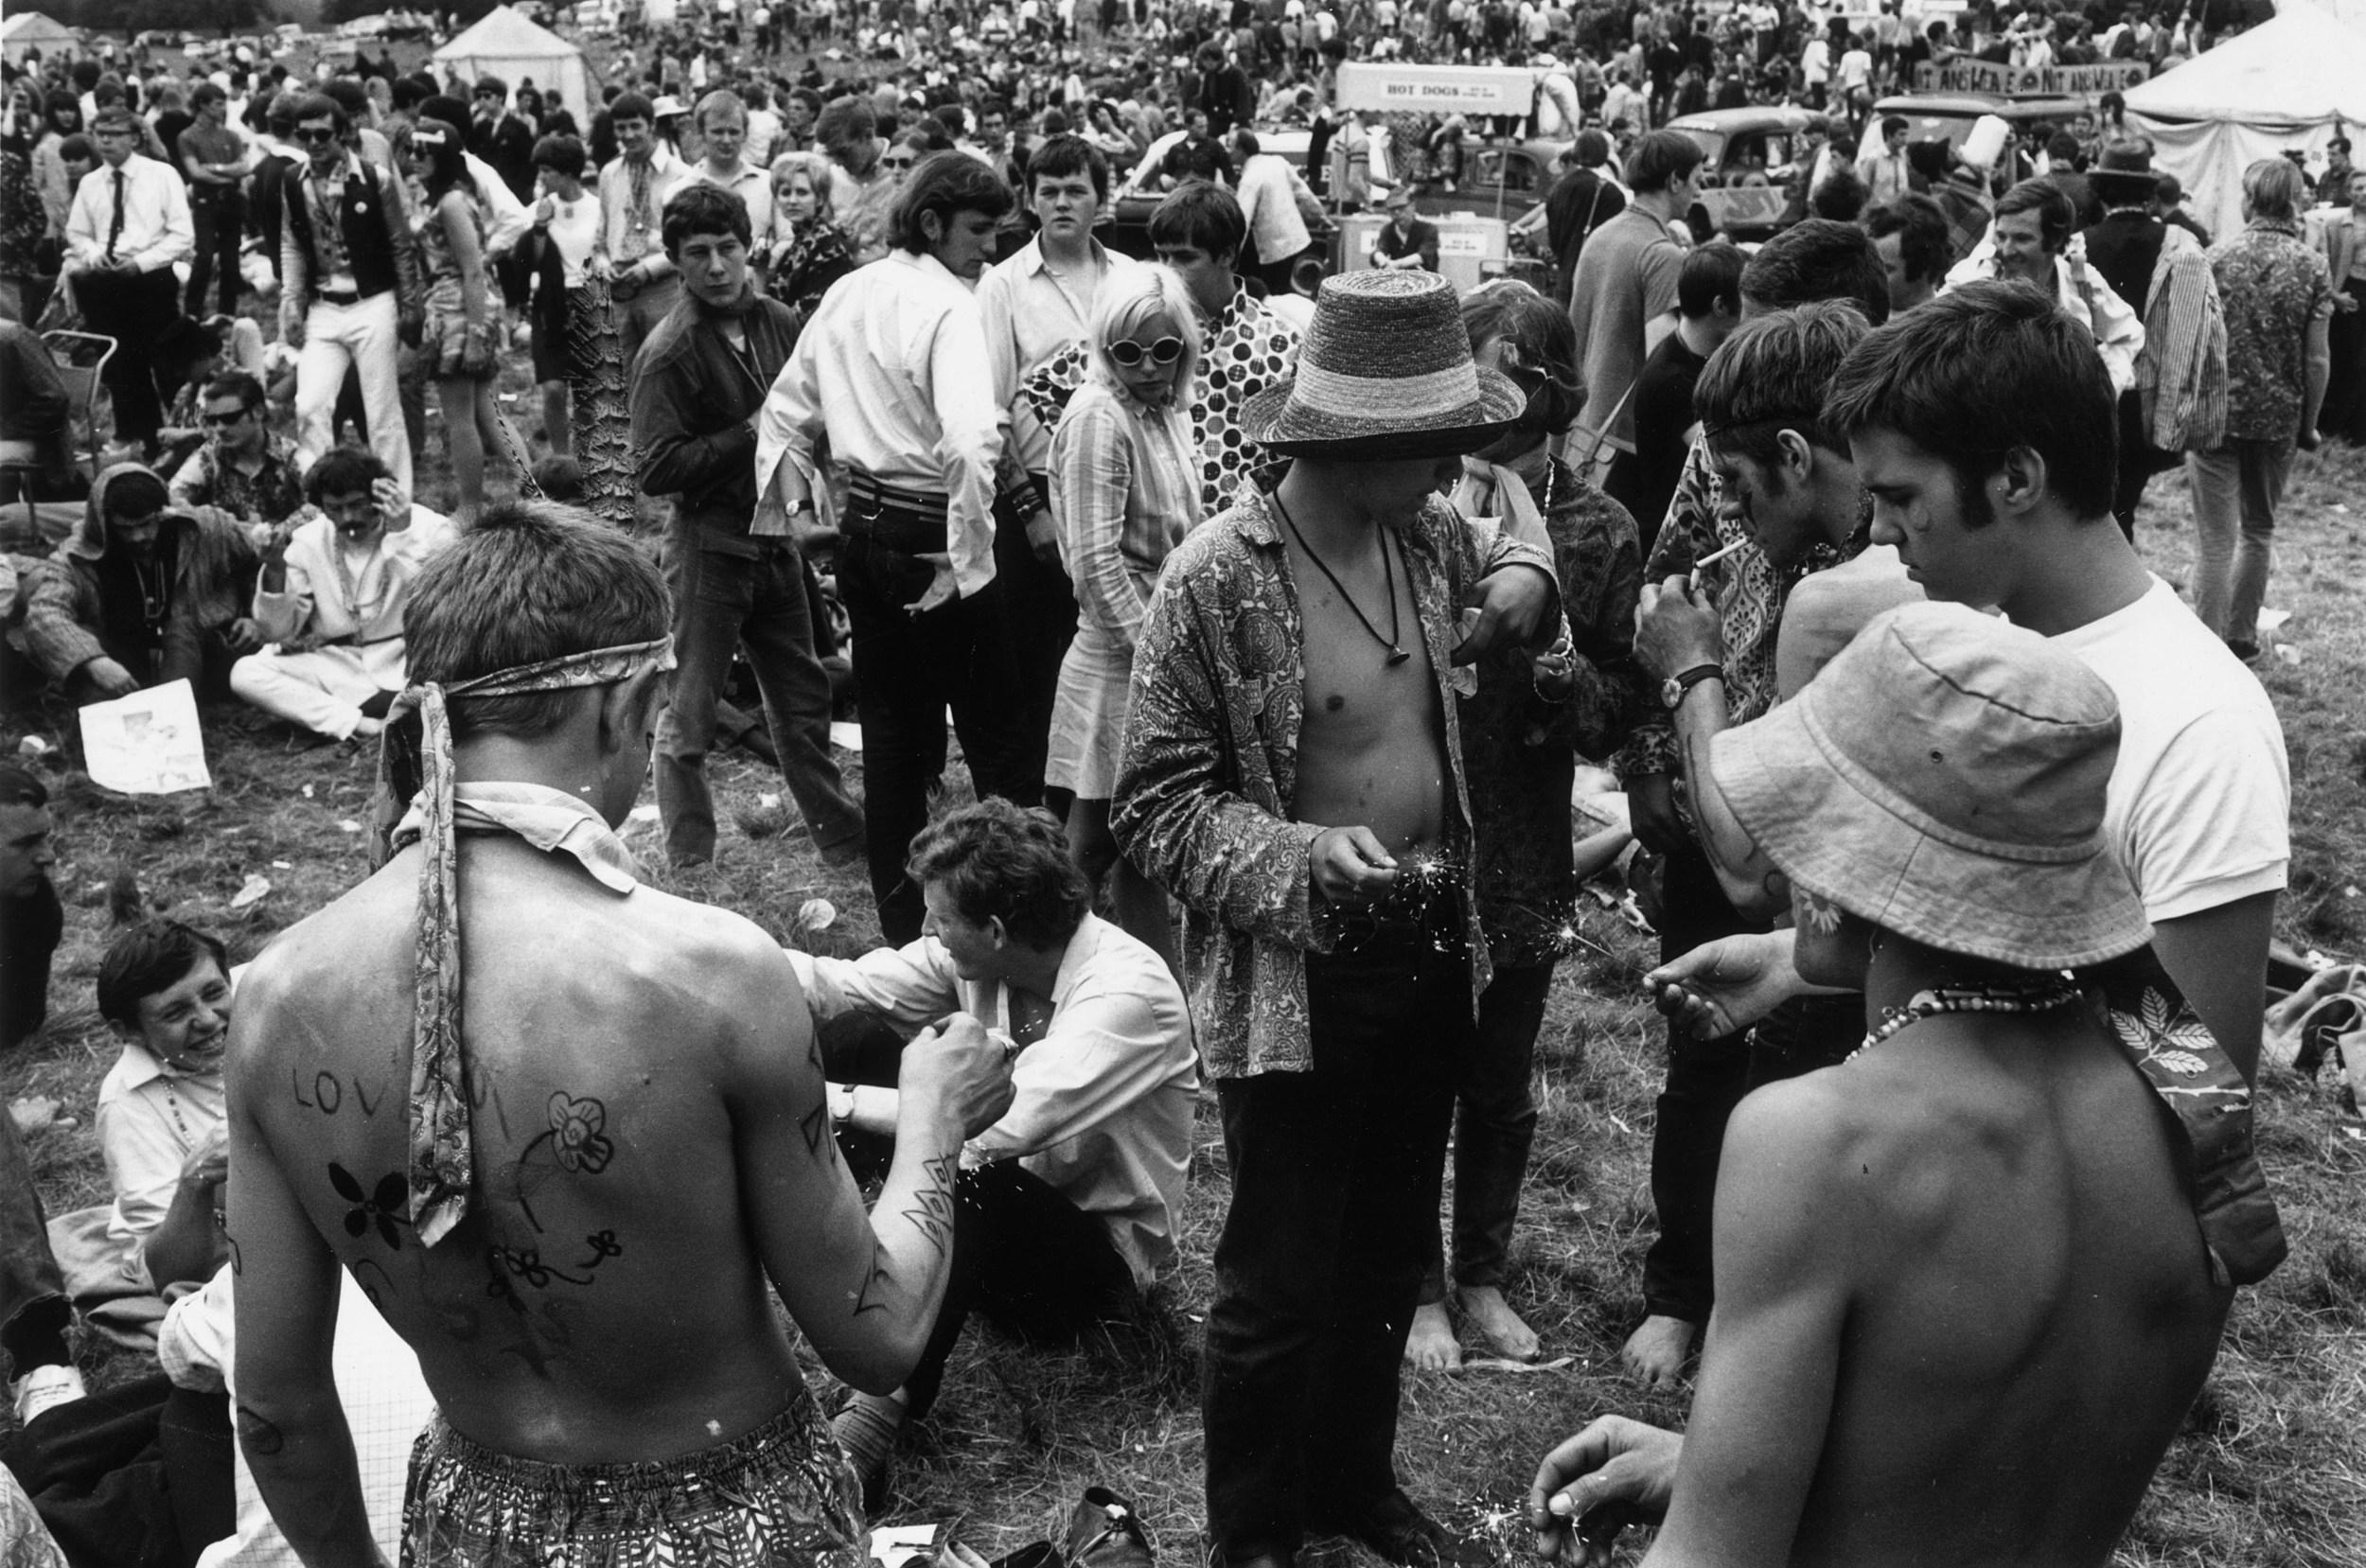 Unseen Behind The Scenes Photos Of Woodstock '94 in Saugerties